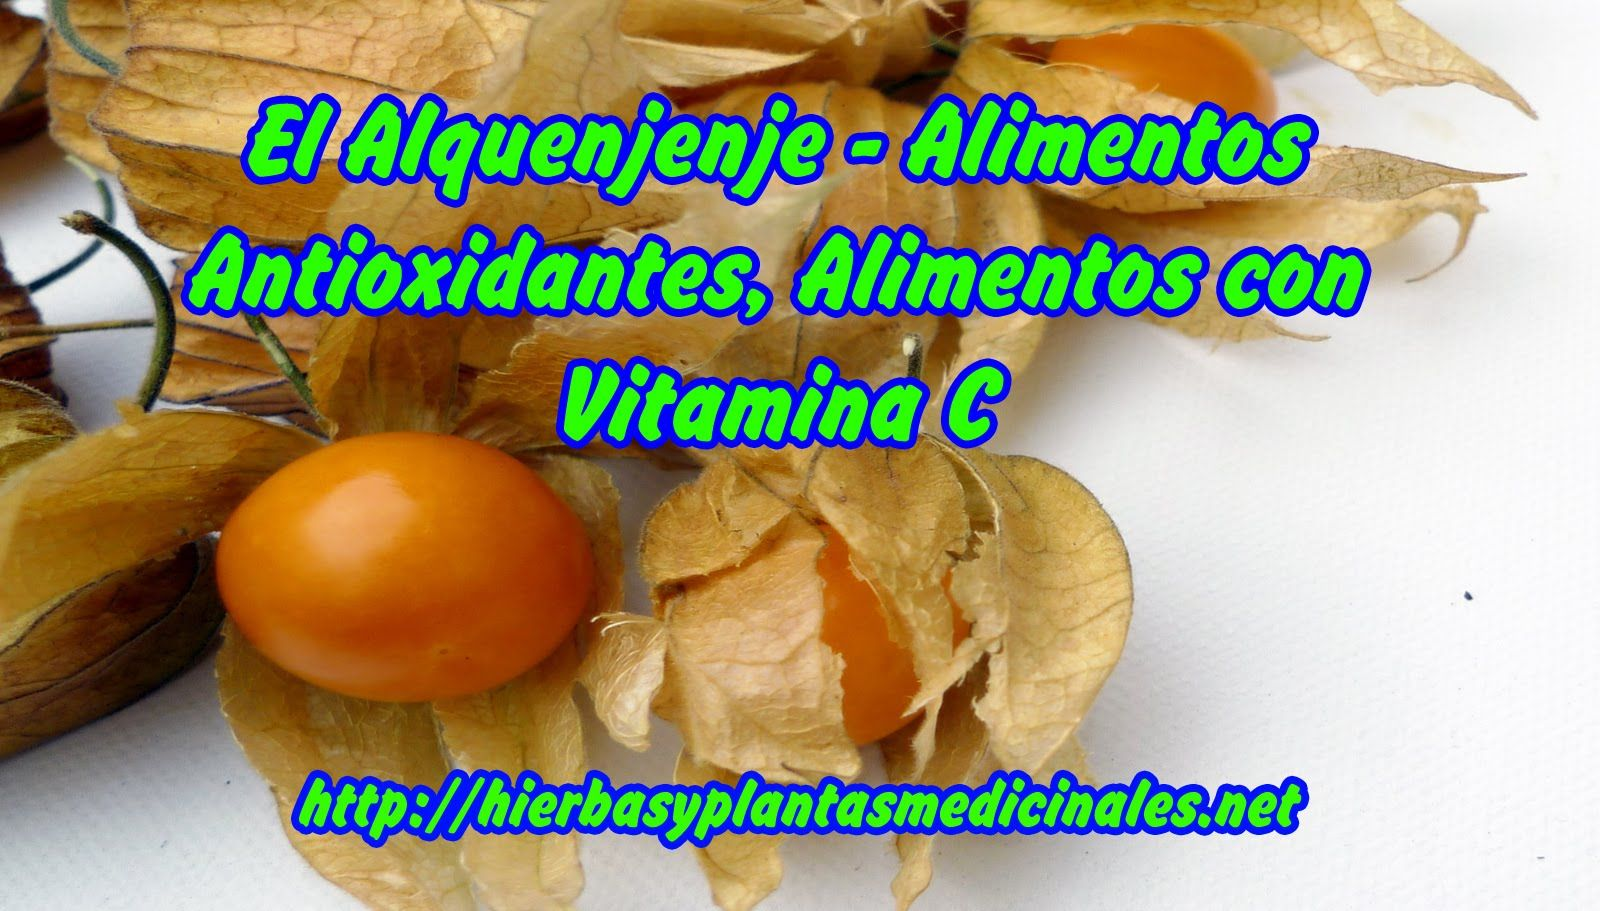 jugos naturales para eliminar el acido urico aumento del acido urico el alcohol y el acido urico